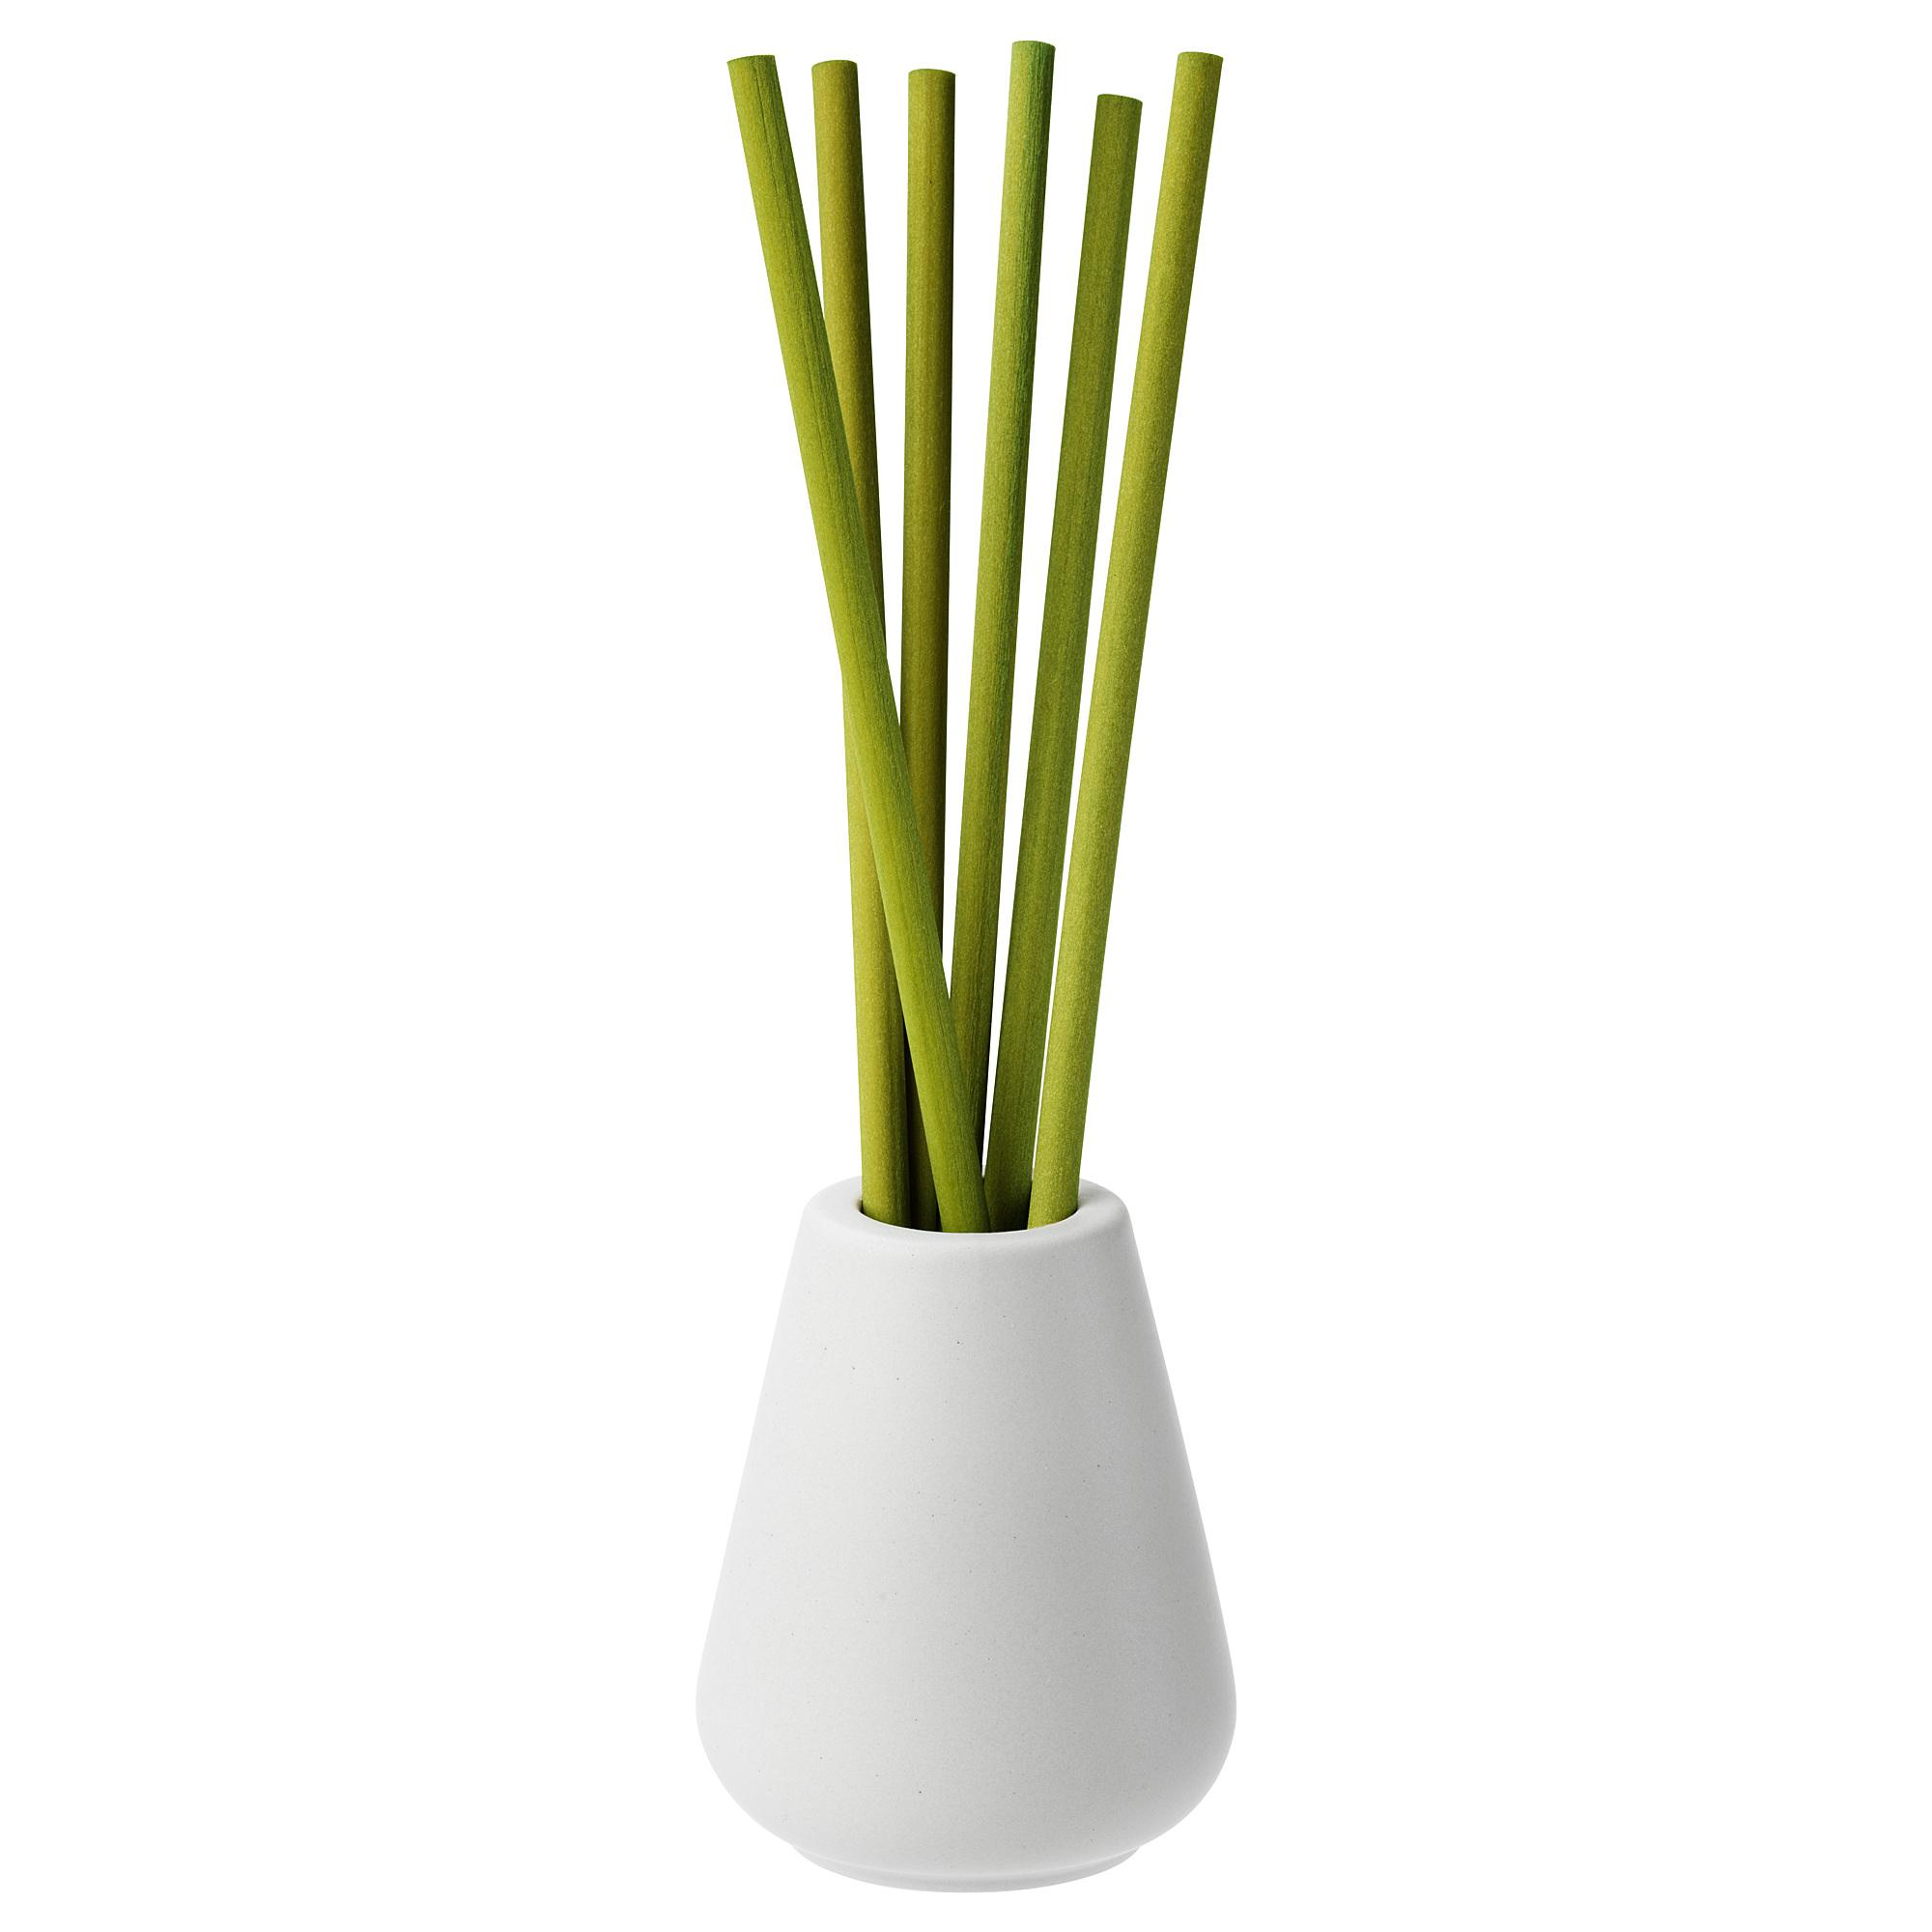 Ваза и 6 ароматических палочек НЬЮТНИНГ, Травы, зеленый